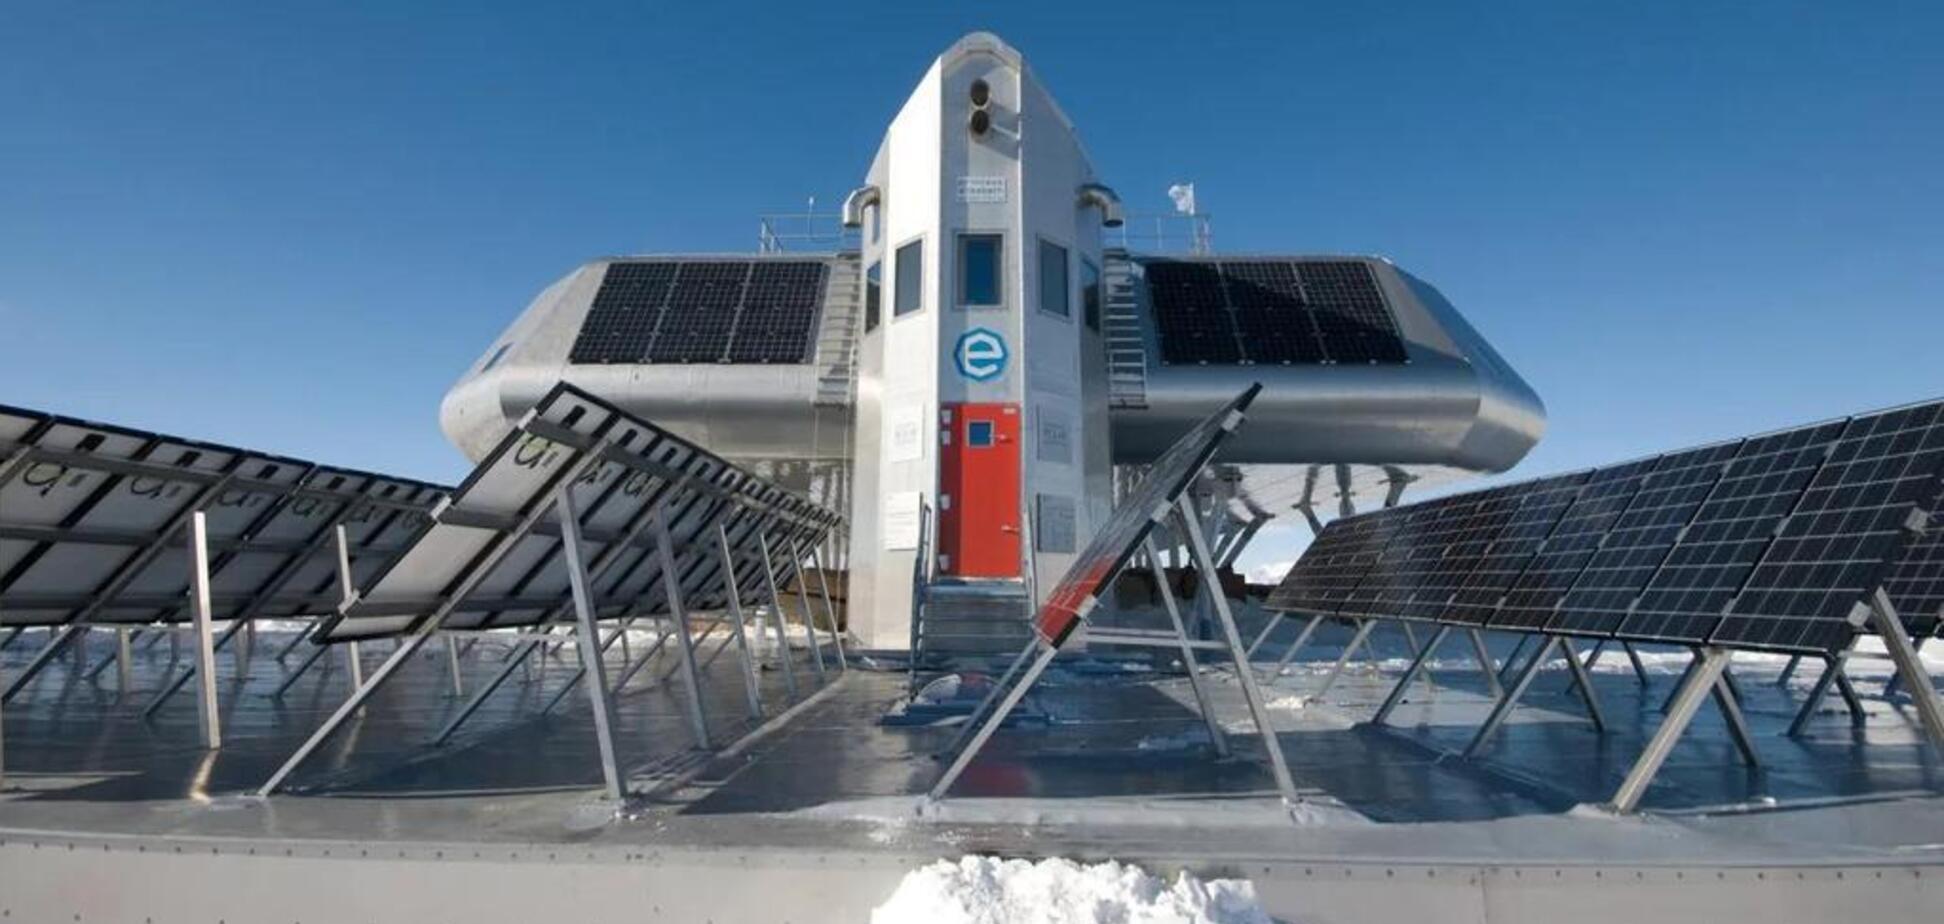 Вчені показали, як в Антарктиді виживає унікальна станція на 'зеленій' енергії: фото і відео